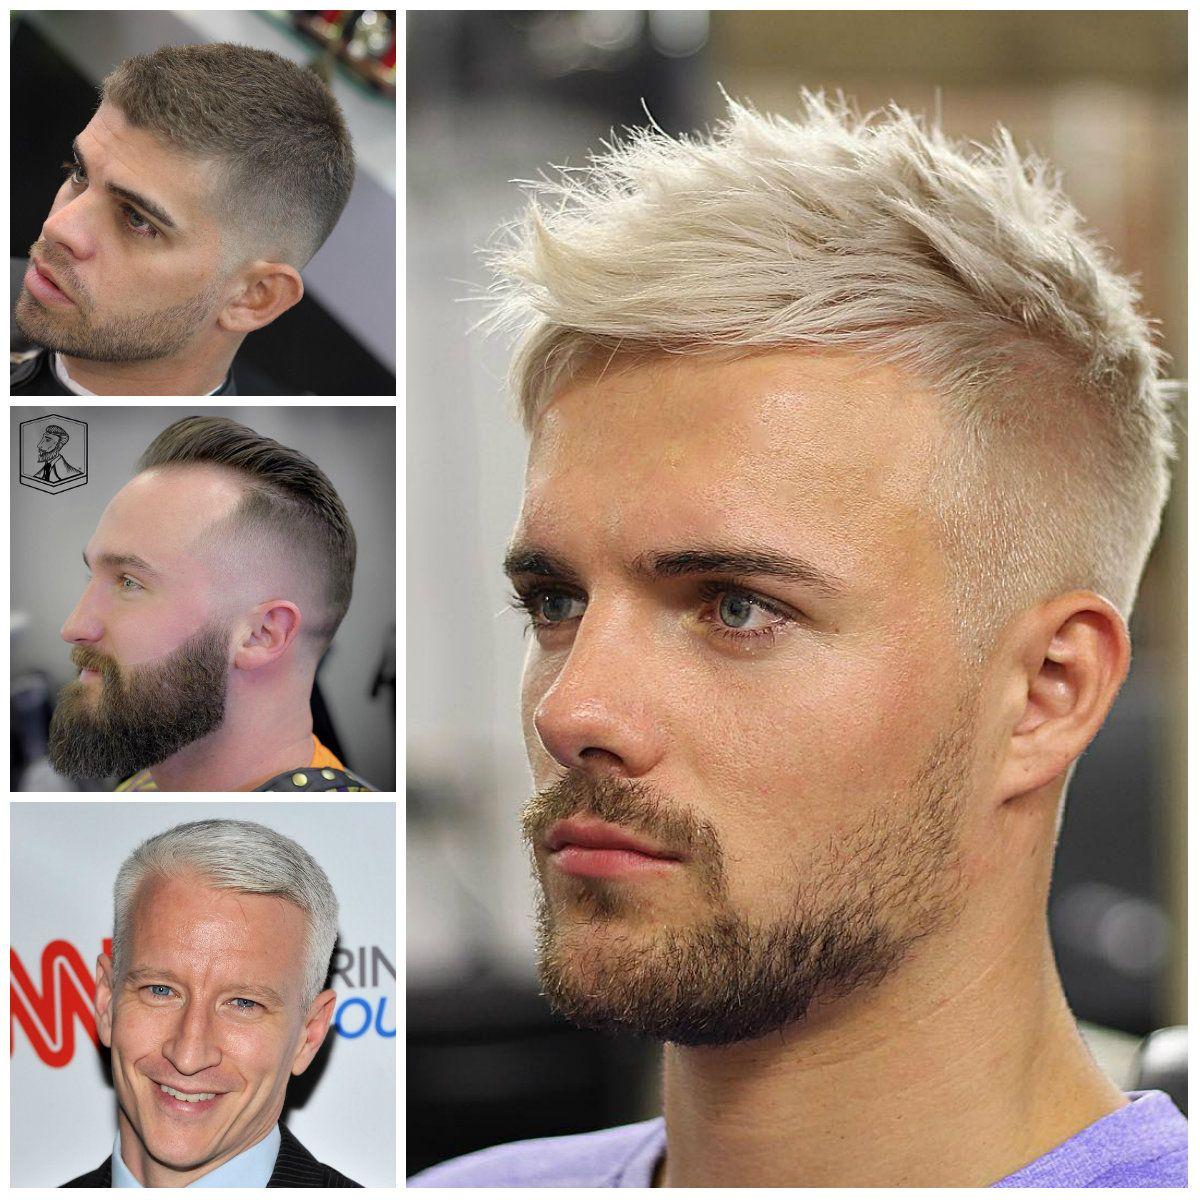 Frisuren Manner Haarausfall Frisurentrends Coole Frisuren Haar Styling Frisuren Bei Haarausfall